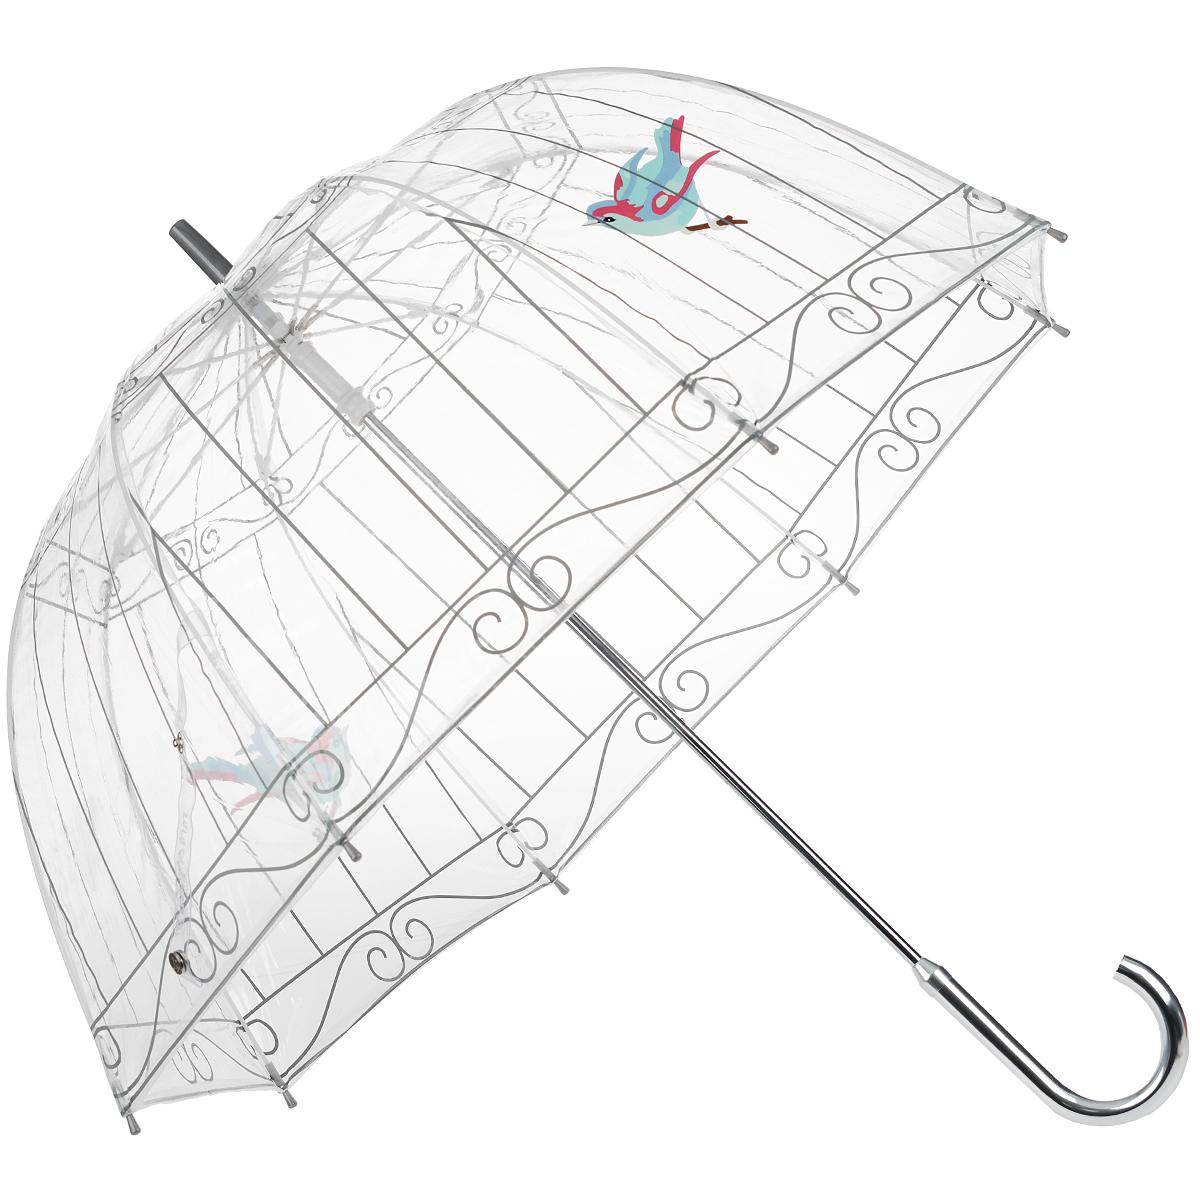 Зонт-трость женский Bird cage, механический, цвет: прозрачныйL719 3S1934Стильный куполообразный зонт-трость Bird cage, закрывающий голову и плечи, даже в ненастную погоду позволит вам оставаться элегантной. Каркас зонта выполнен из 8 спиц из фибергласса, стержень изготовлен из стали. Купол зонта выполнен из прозрачного ПВХ и оформлен изображением клетки с птицами. Рукоятка закругленной формы разработана с учетом требований эргономики и изготовлена из металла. Зонт имеет механический тип сложения: купол открывается и закрывается вручную до характерного щелчка. Такой зонт не только надежно защитит вас от дождя, но и станет стильным аксессуаром.